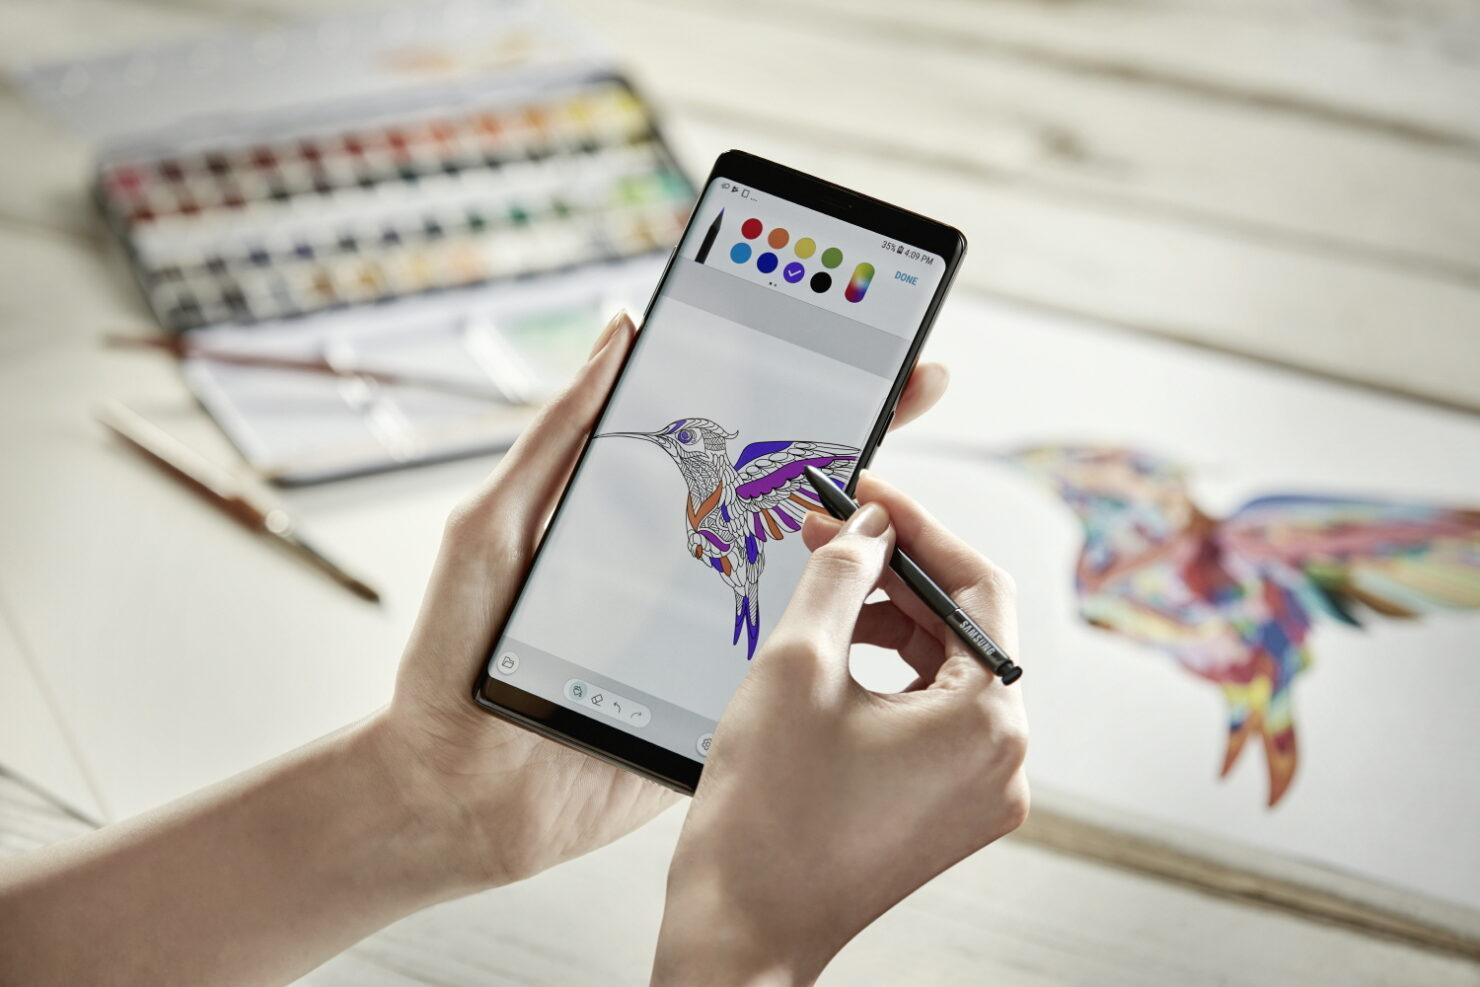 galaxy-note8_s-pen-coloring